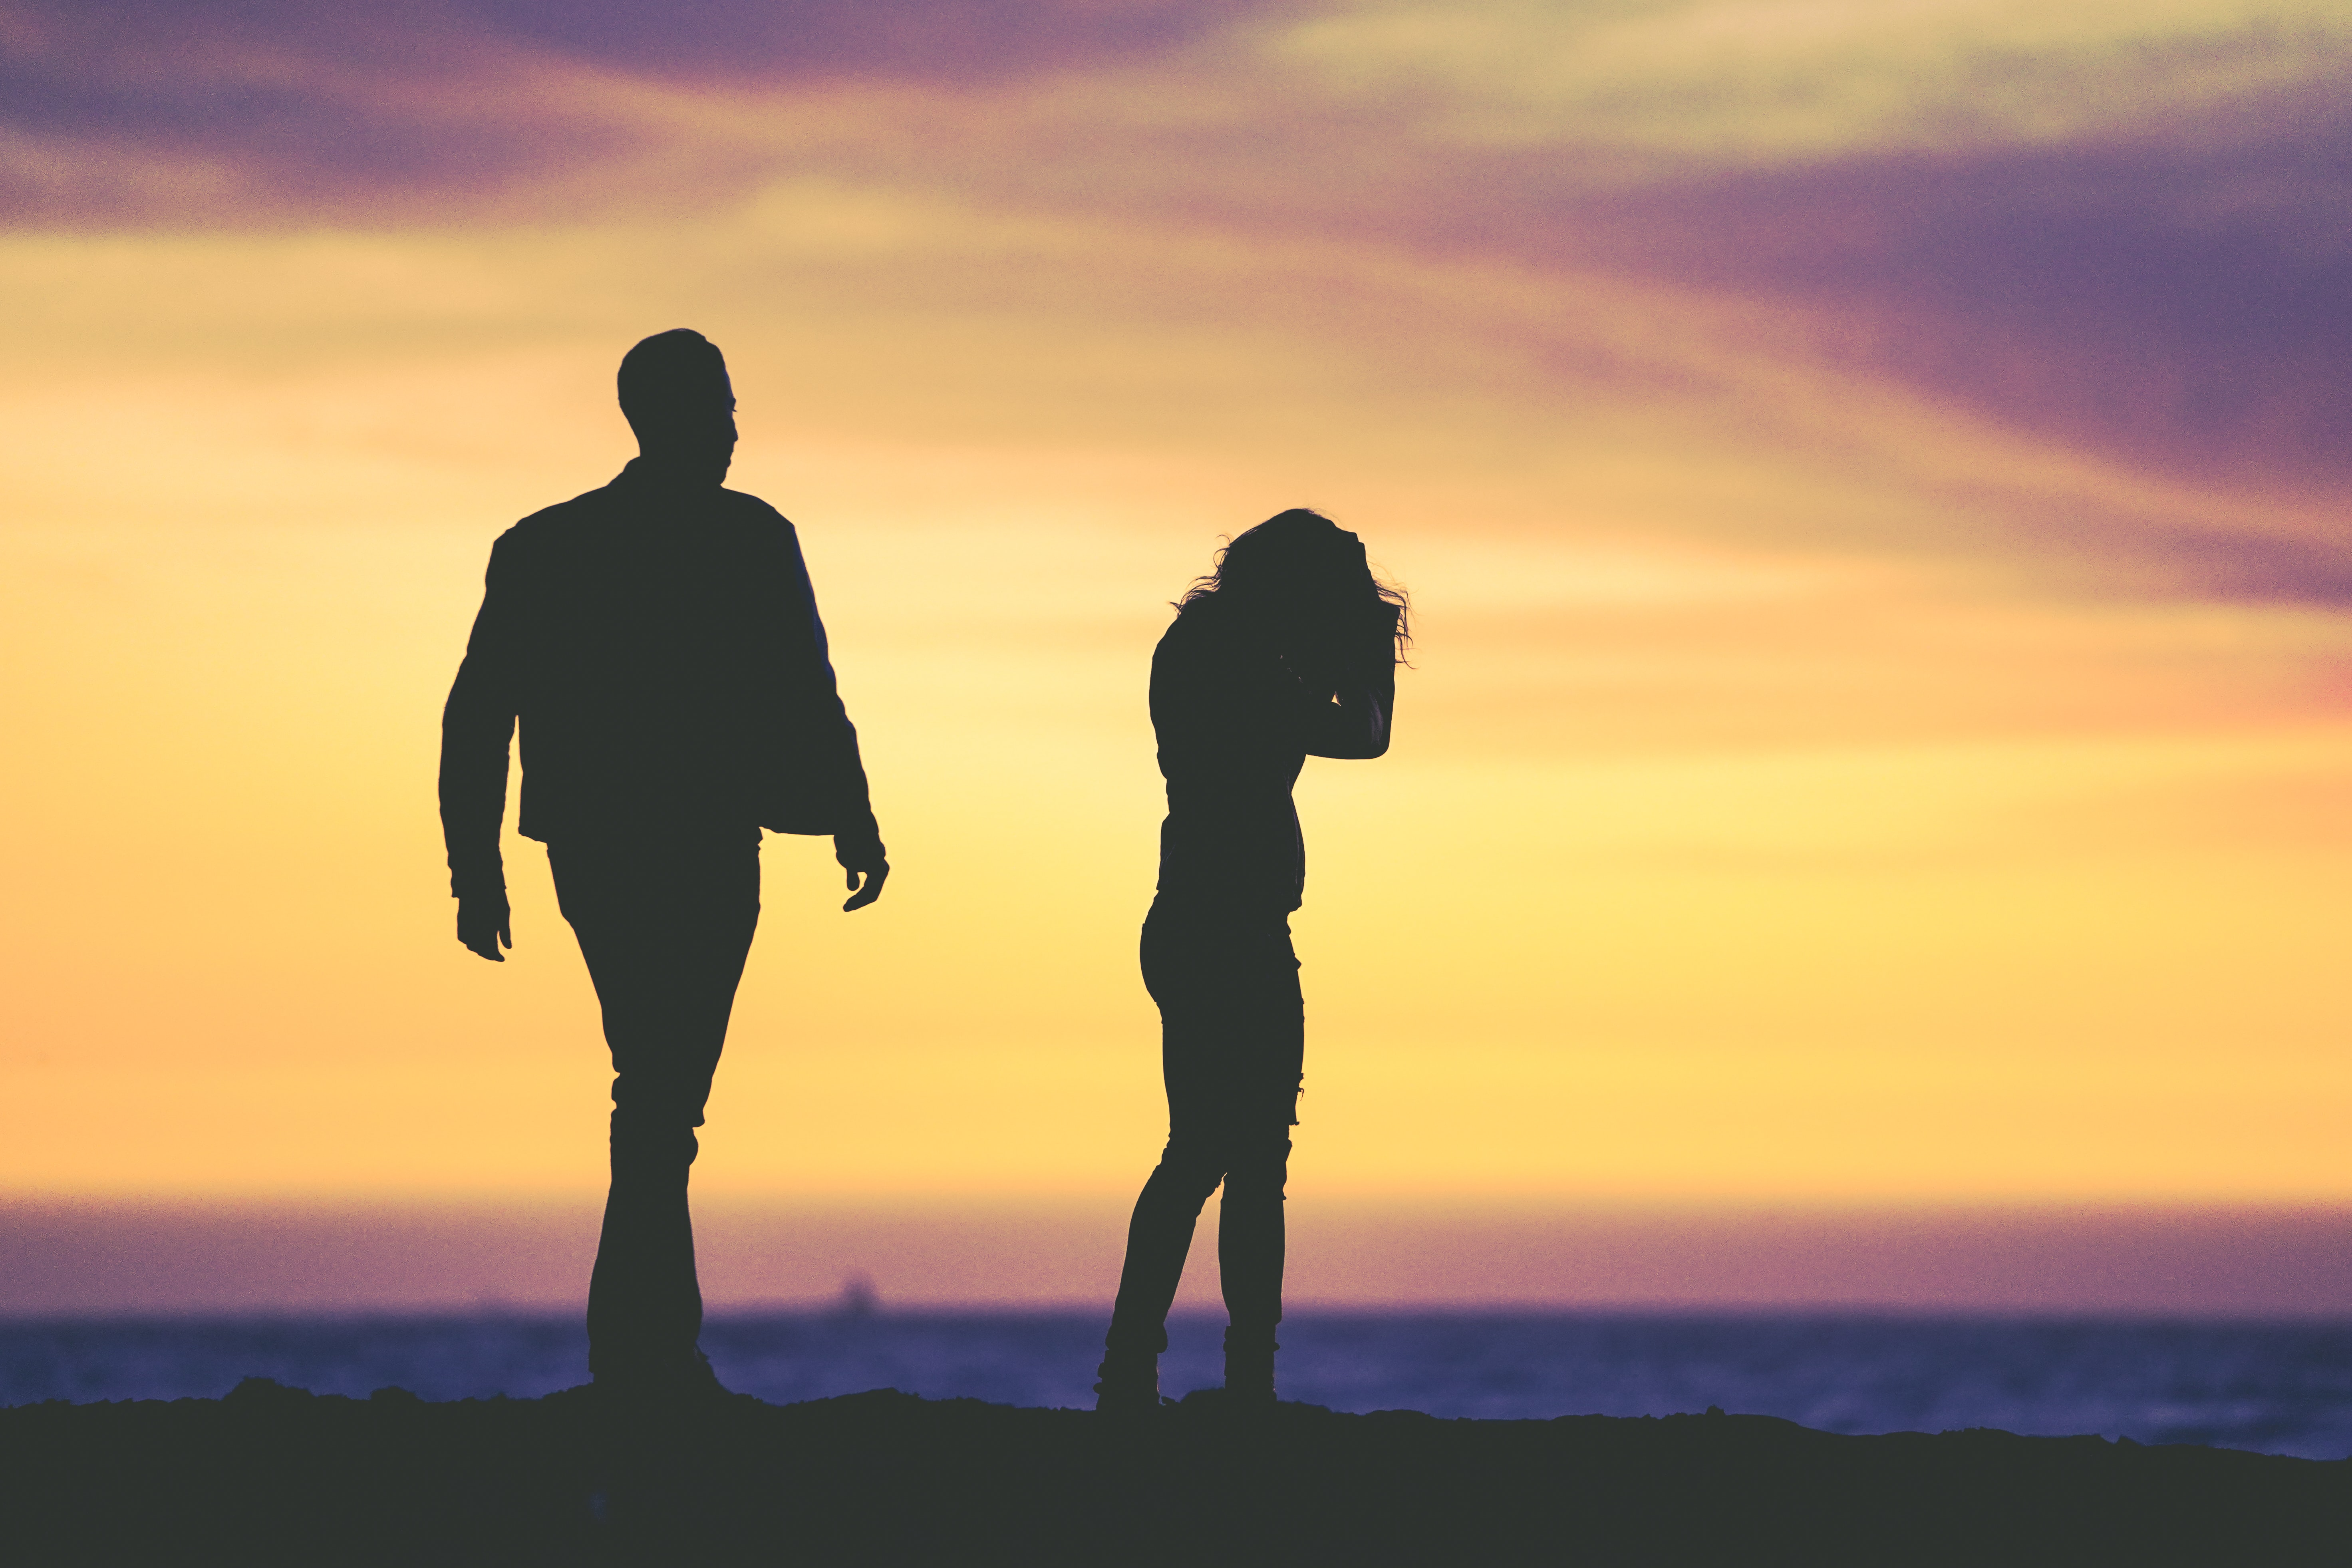 Manche Paare streiten lieber um den heißen Brei herum, als sich dem zuzuwenden, worum es eigentlich geht. Fotocredit: © Eric Ward/Unsplash